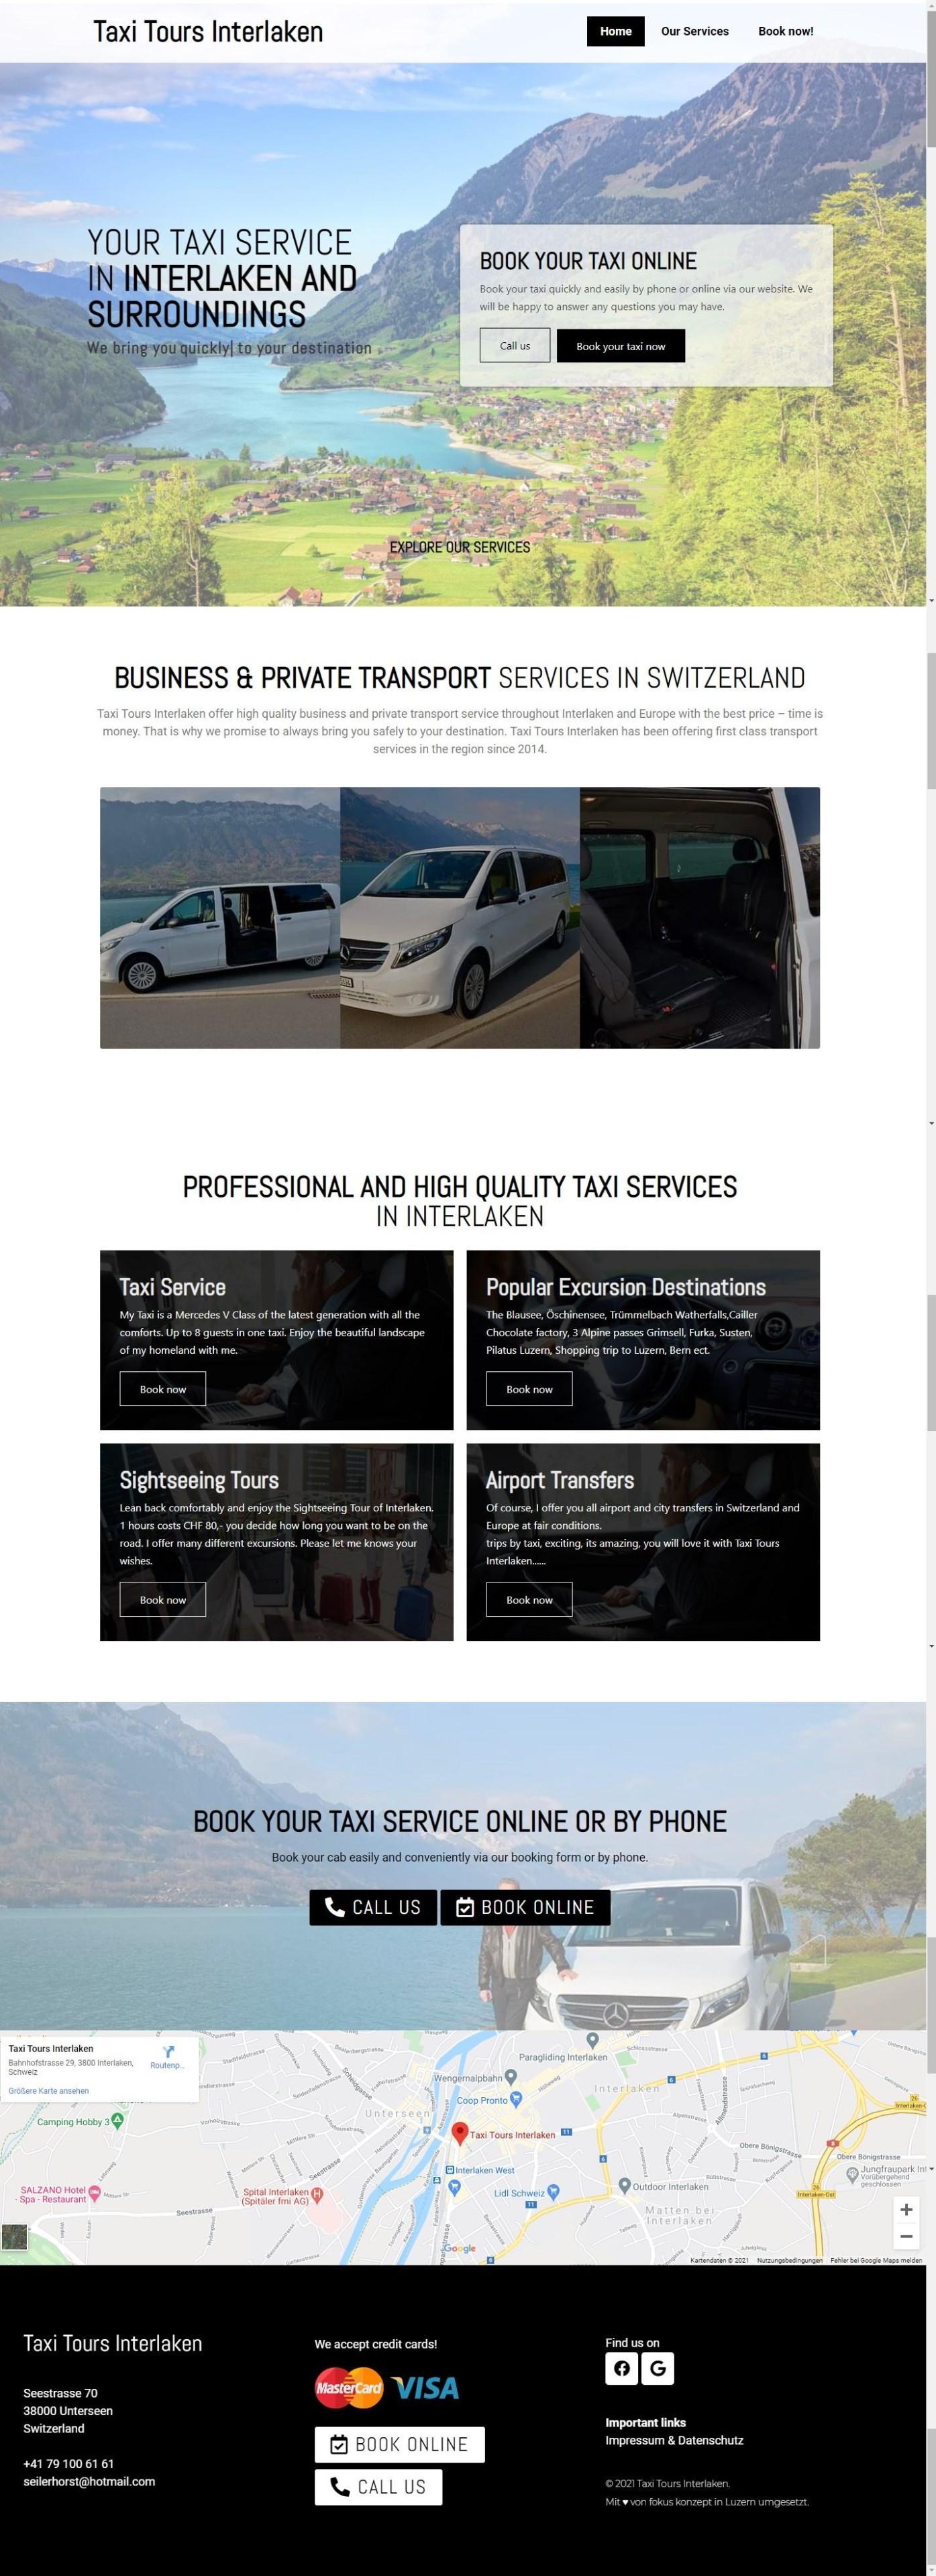 Taxi Tours Interlaken - Interlaken, Schweiz - Webseitengestaltung